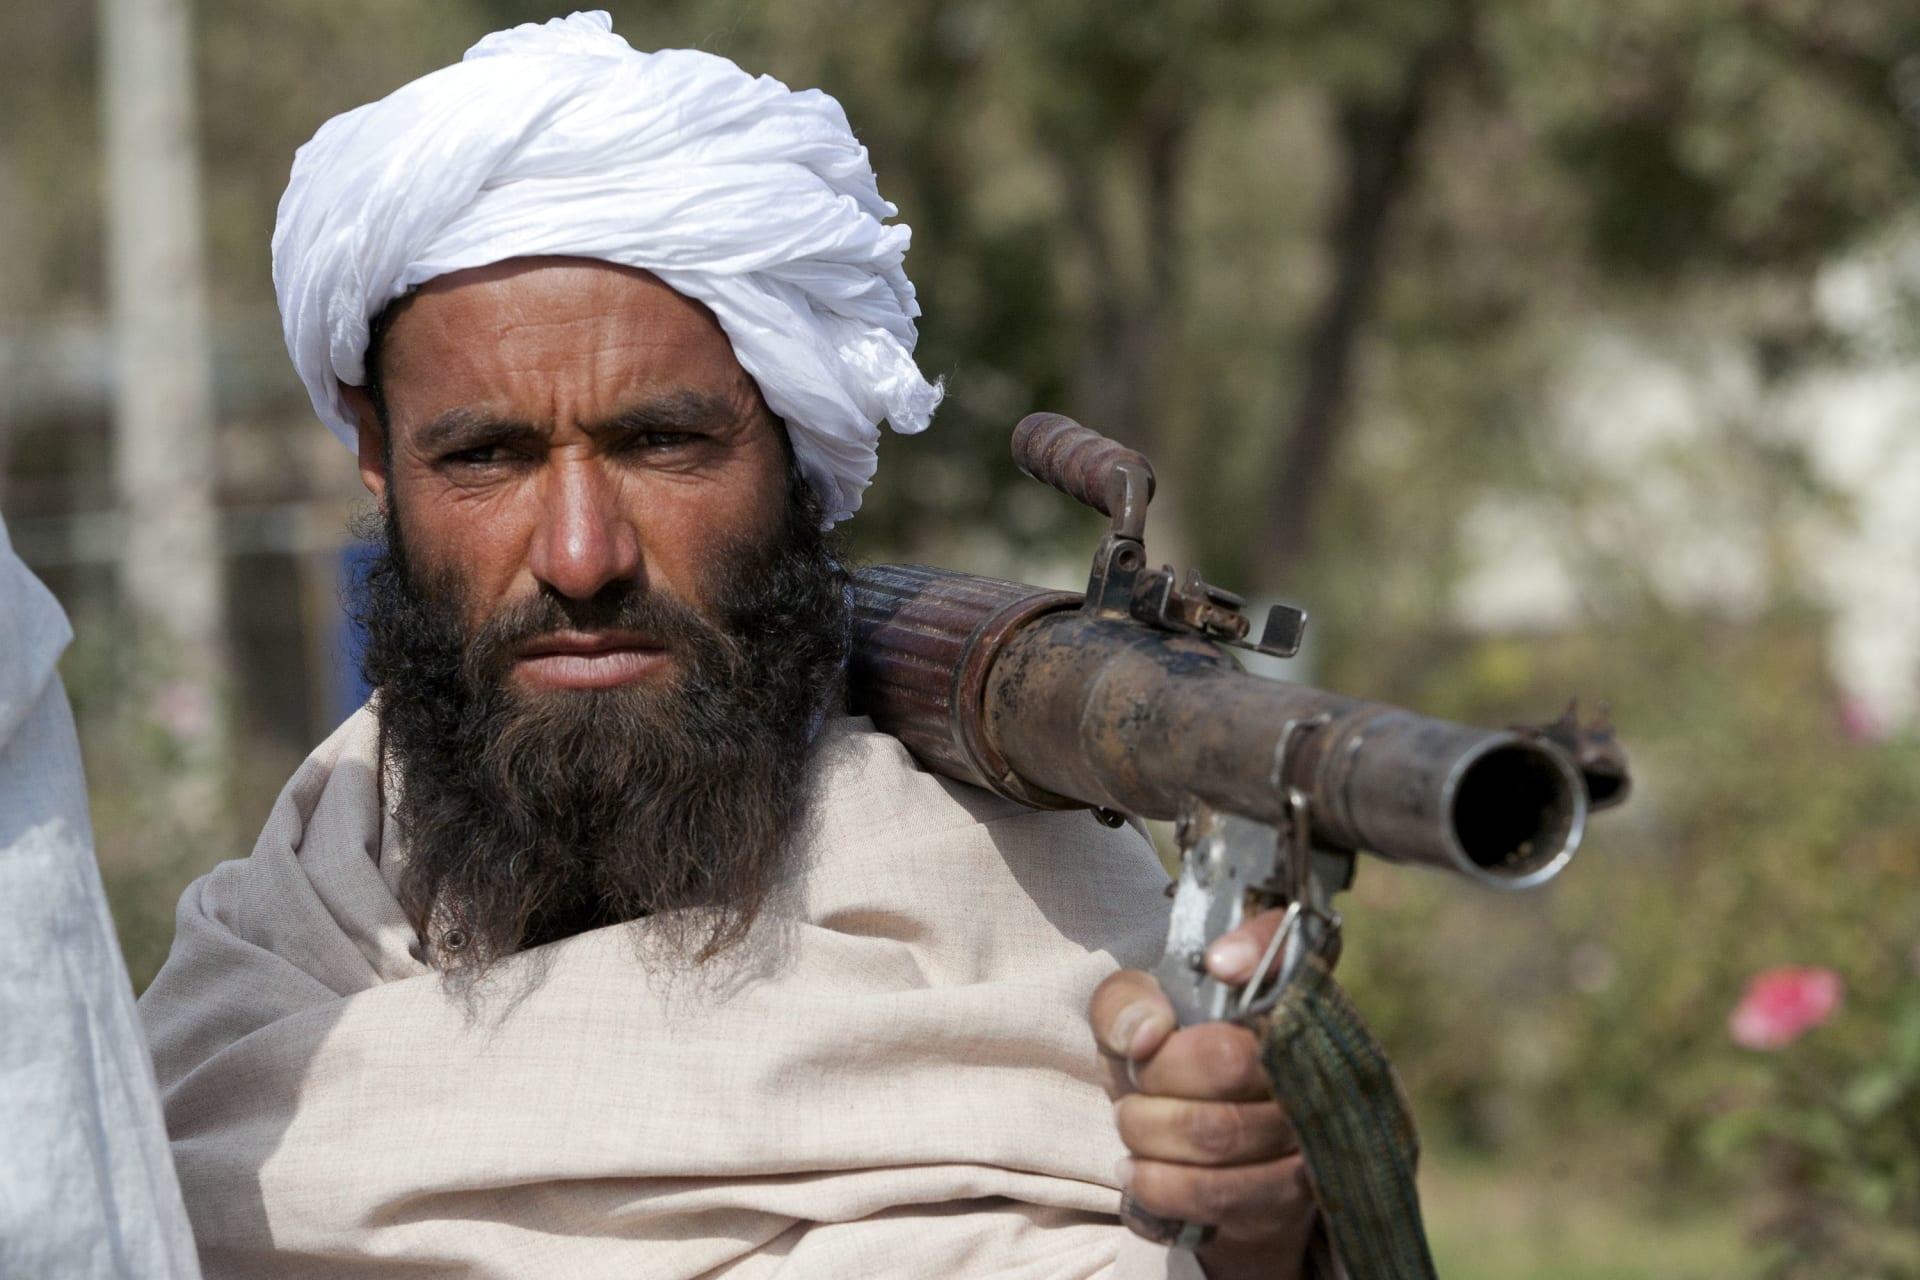 طالبان تعلن السيطرة الكاملة على بنجشير.. وجبهة المقاومة تنفي